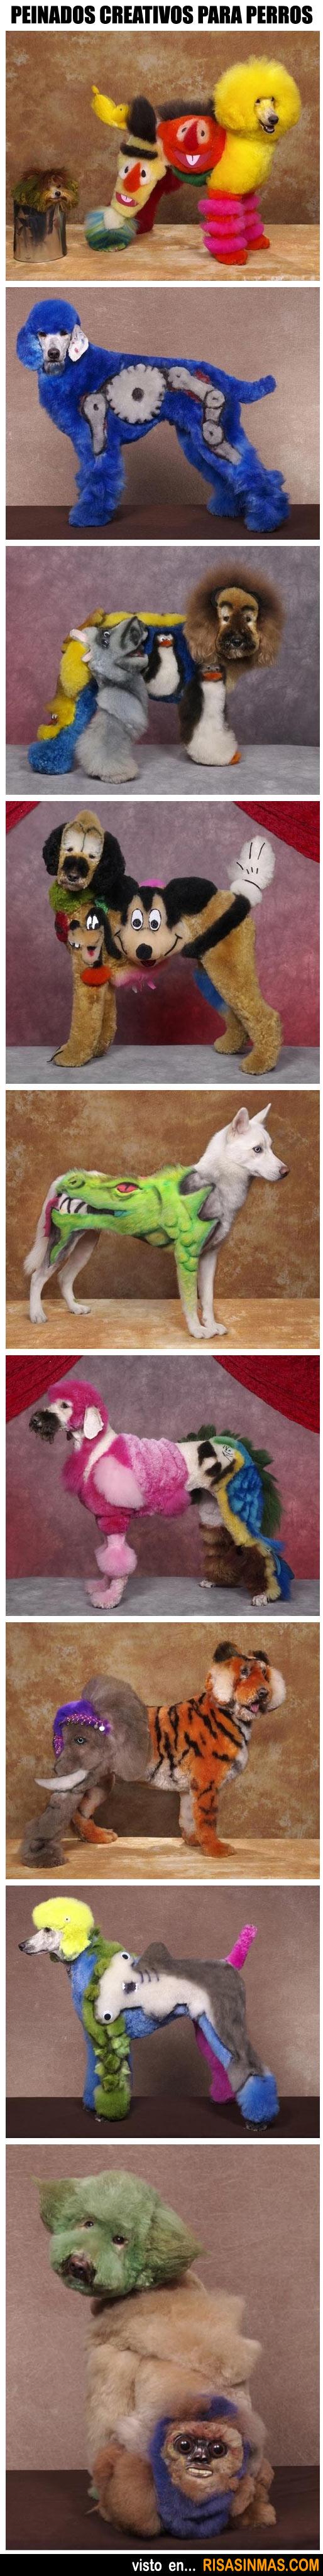 Peinados creativos para perros